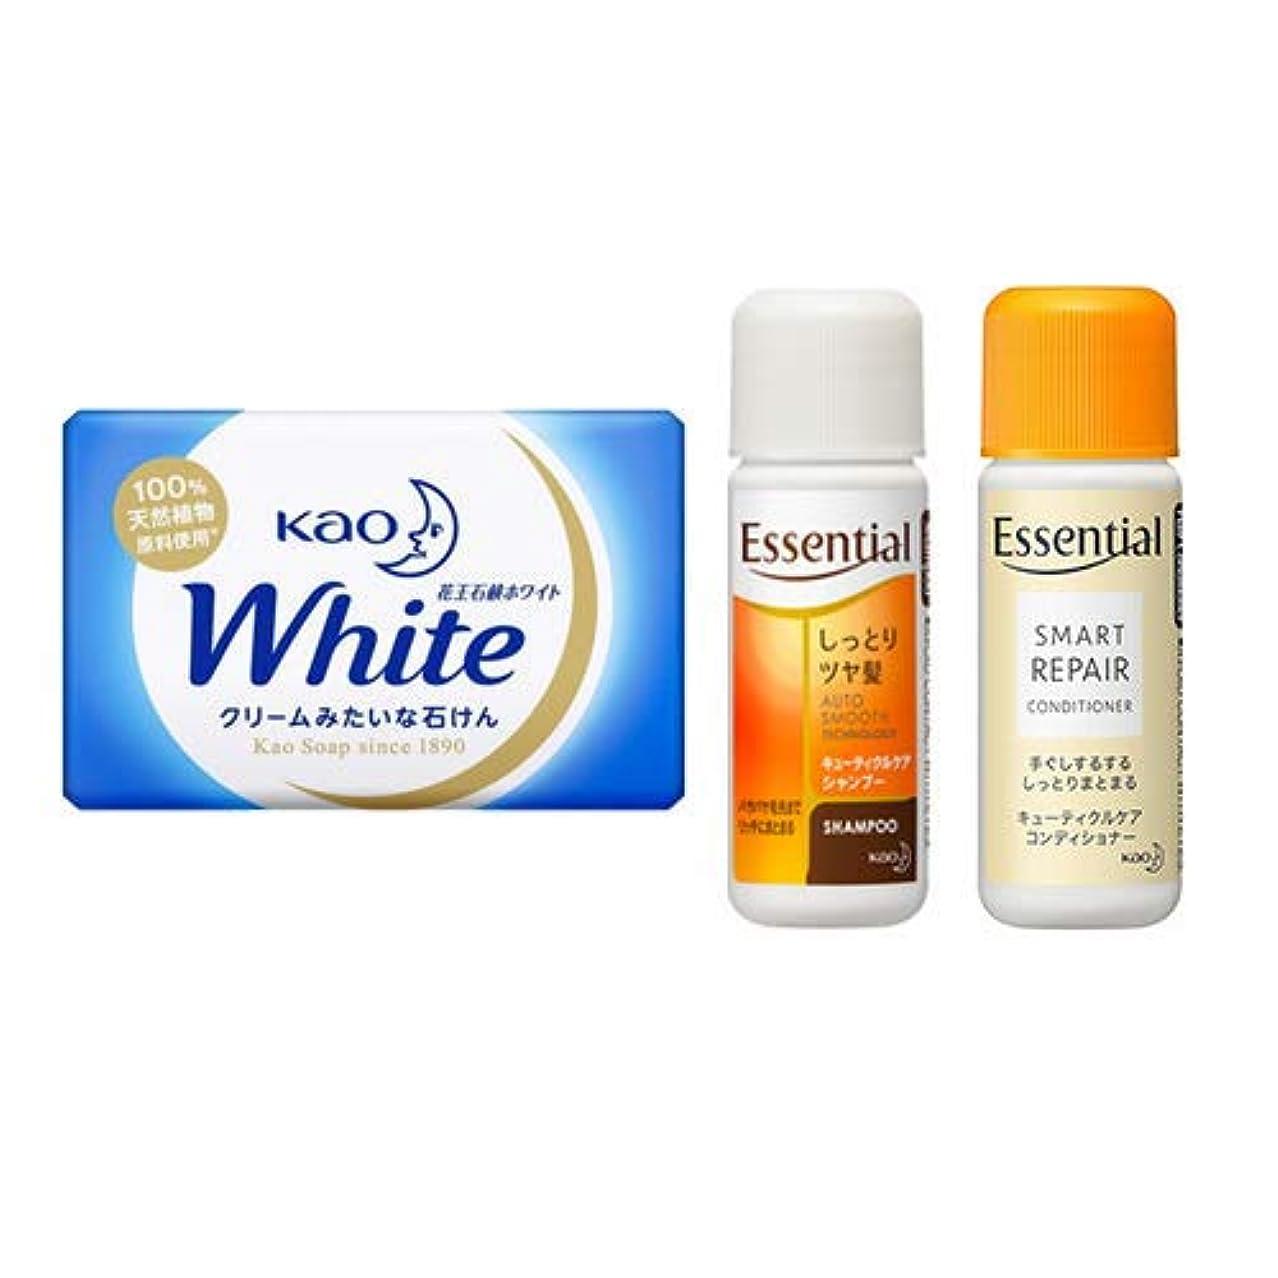 拒絶文句を言うみぞれ花王(KAO) 石鹸ホワイト(Kao Soap White) 15g + エッセンシャルシャンプー 16ml + コンディショナー 16ml セット